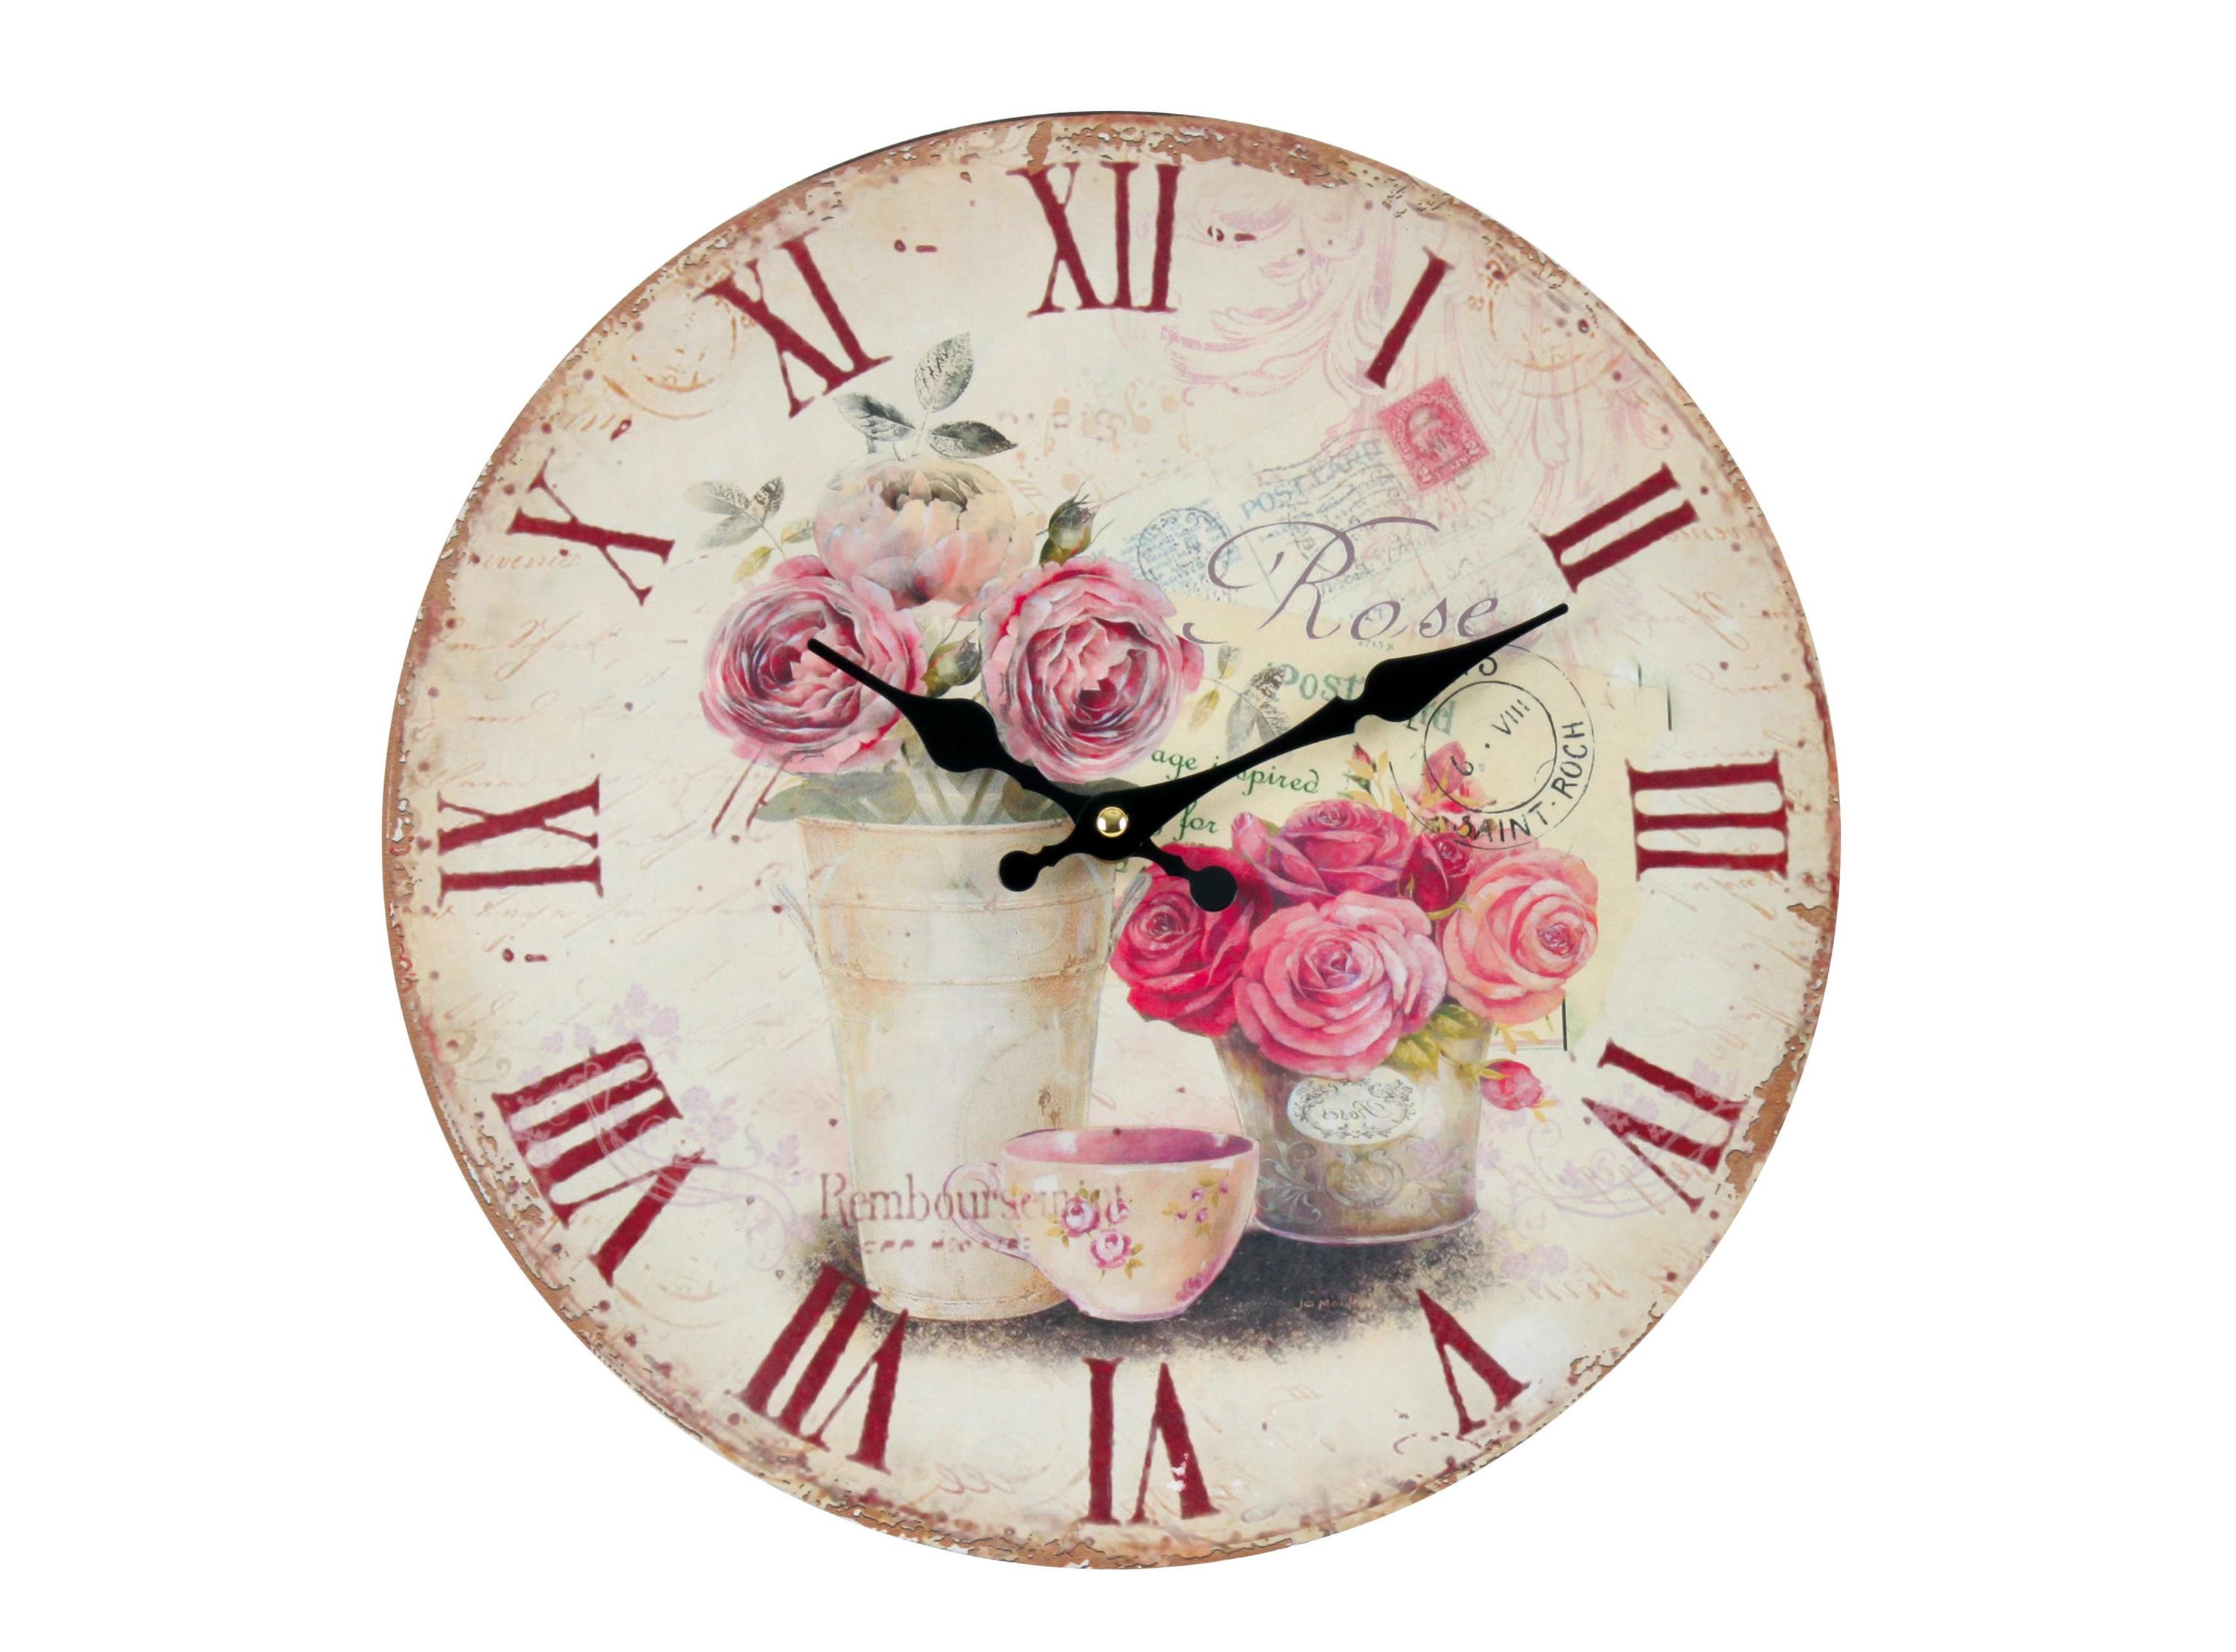 Часы настенные TelmoНастенные часы<br>Кварцевый механизм.<br><br>Material: МДФ<br>Глубина см: 4